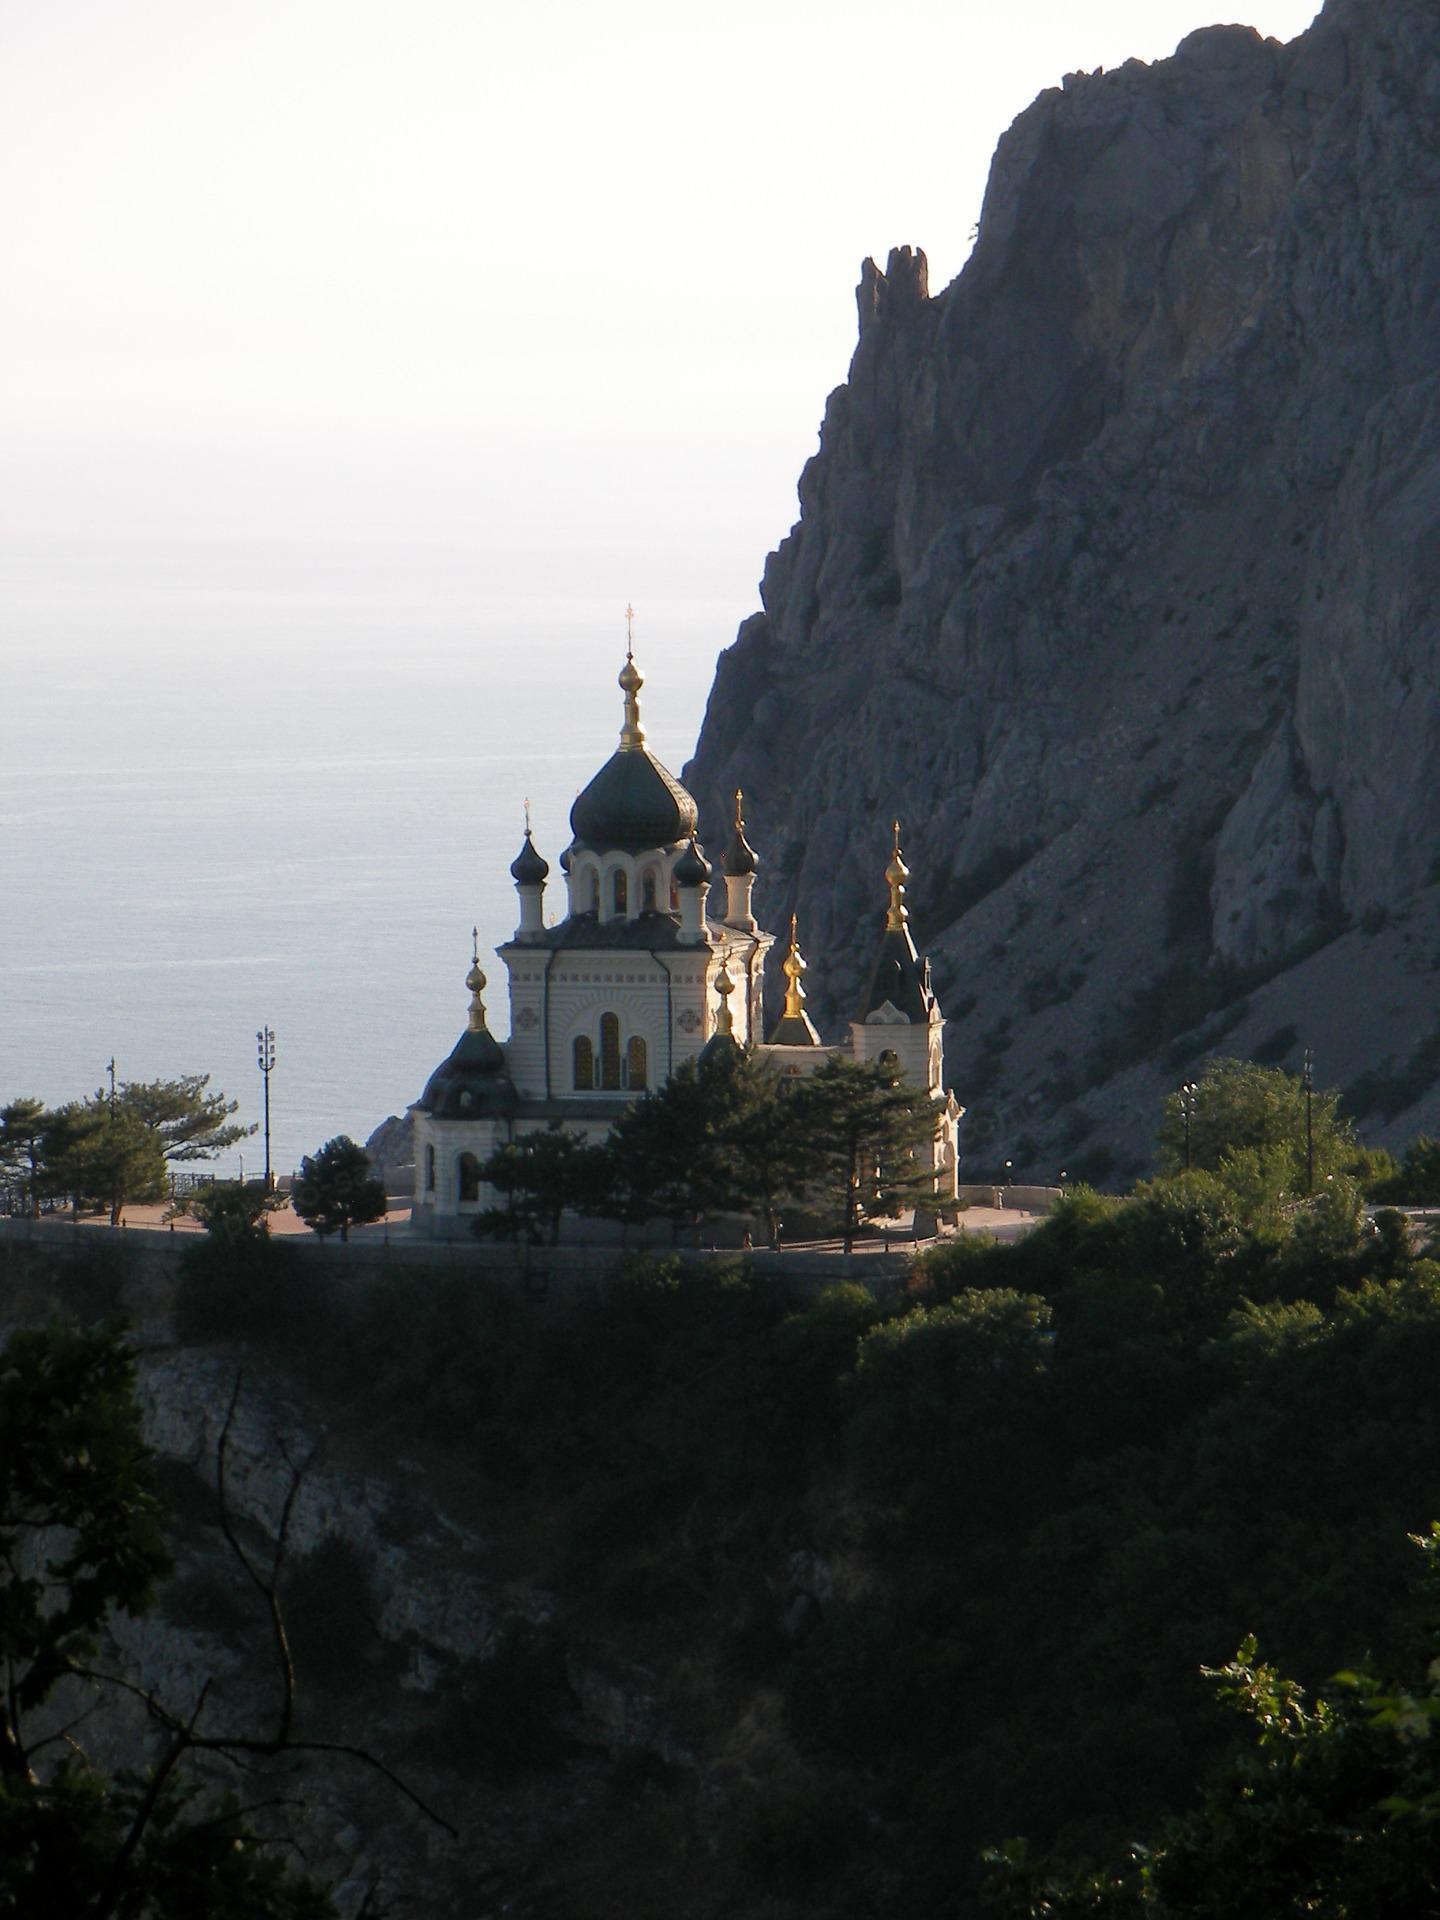 Kerk in die berge naby Foros in die Krim